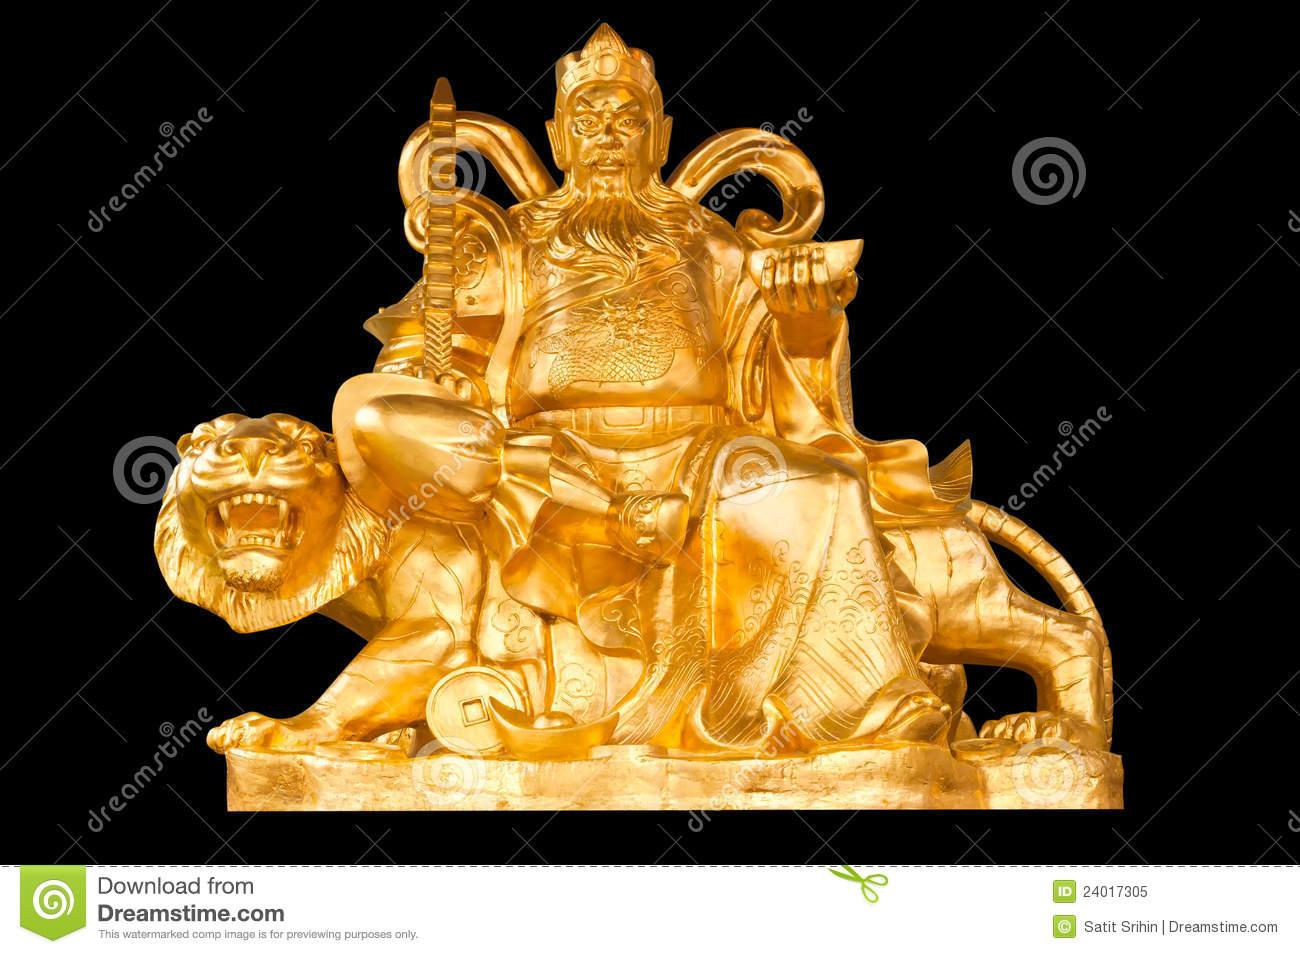 dios-chino-de-oro-del-dinero-de-la-prosperidad-24017305